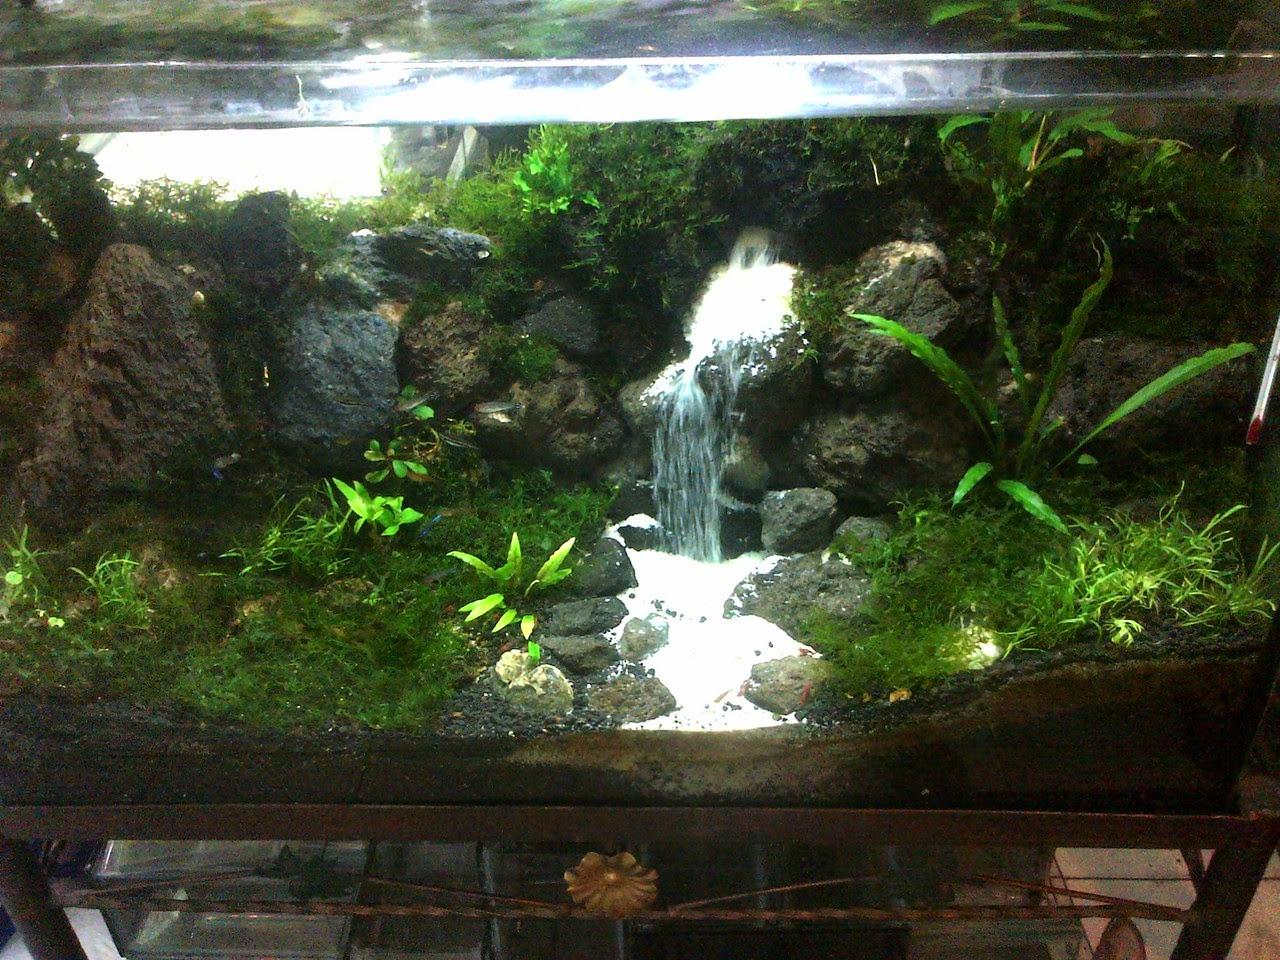 Pirdot kumpulan foto aquarium aquascape keren - Gambar aquascape ...